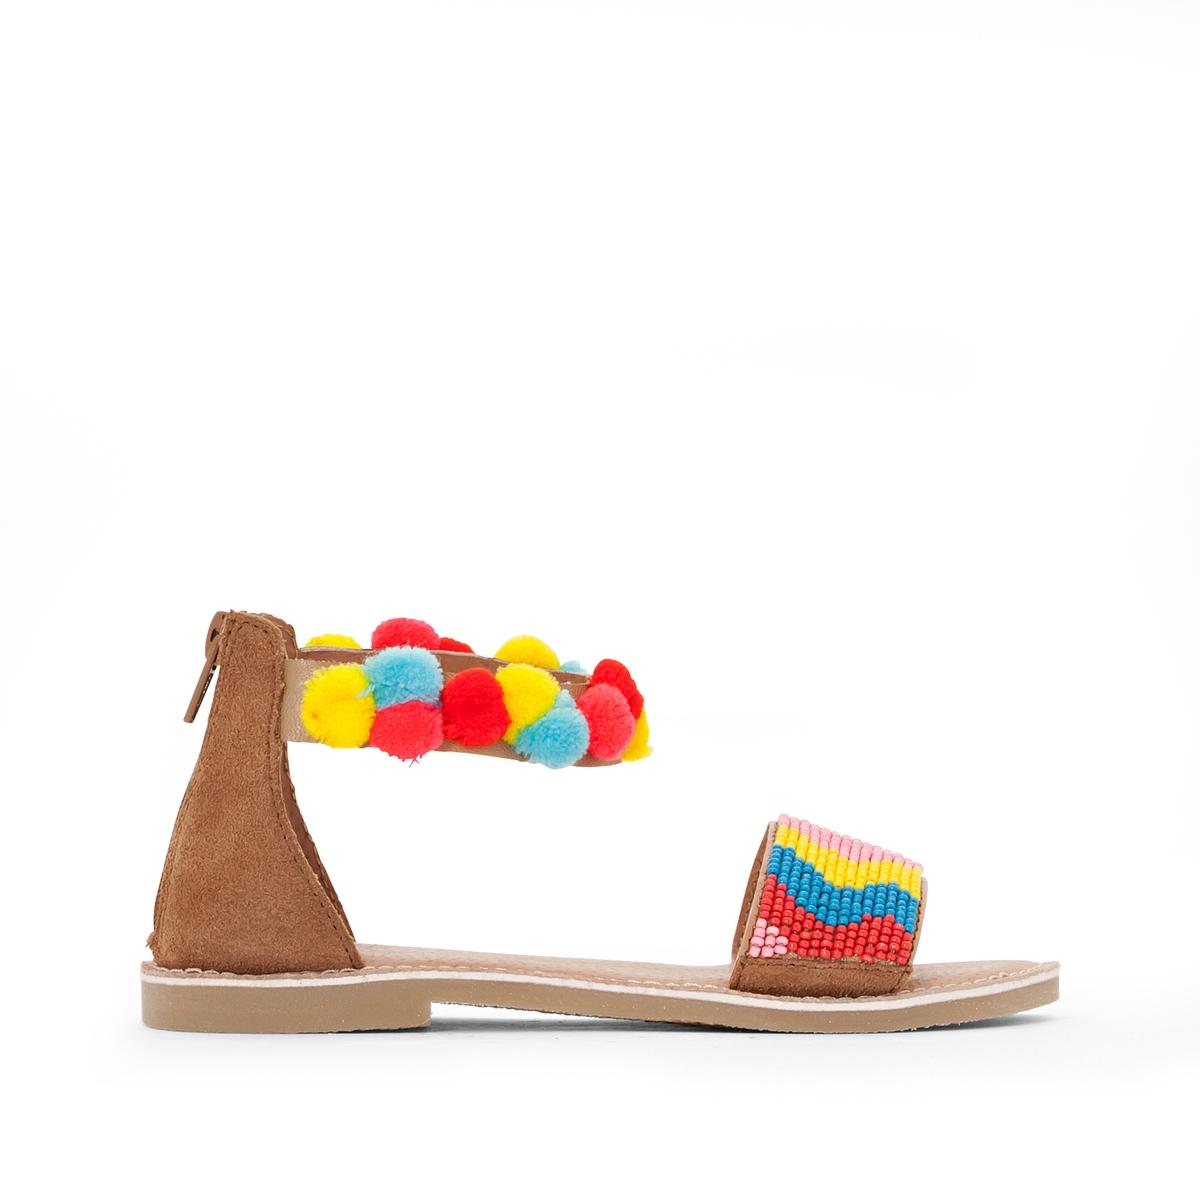 Сандалии кожаные, украшенные помпонами и бисером<br><br>Цвет: разноцветный<br>Размер: 33.34.35.31